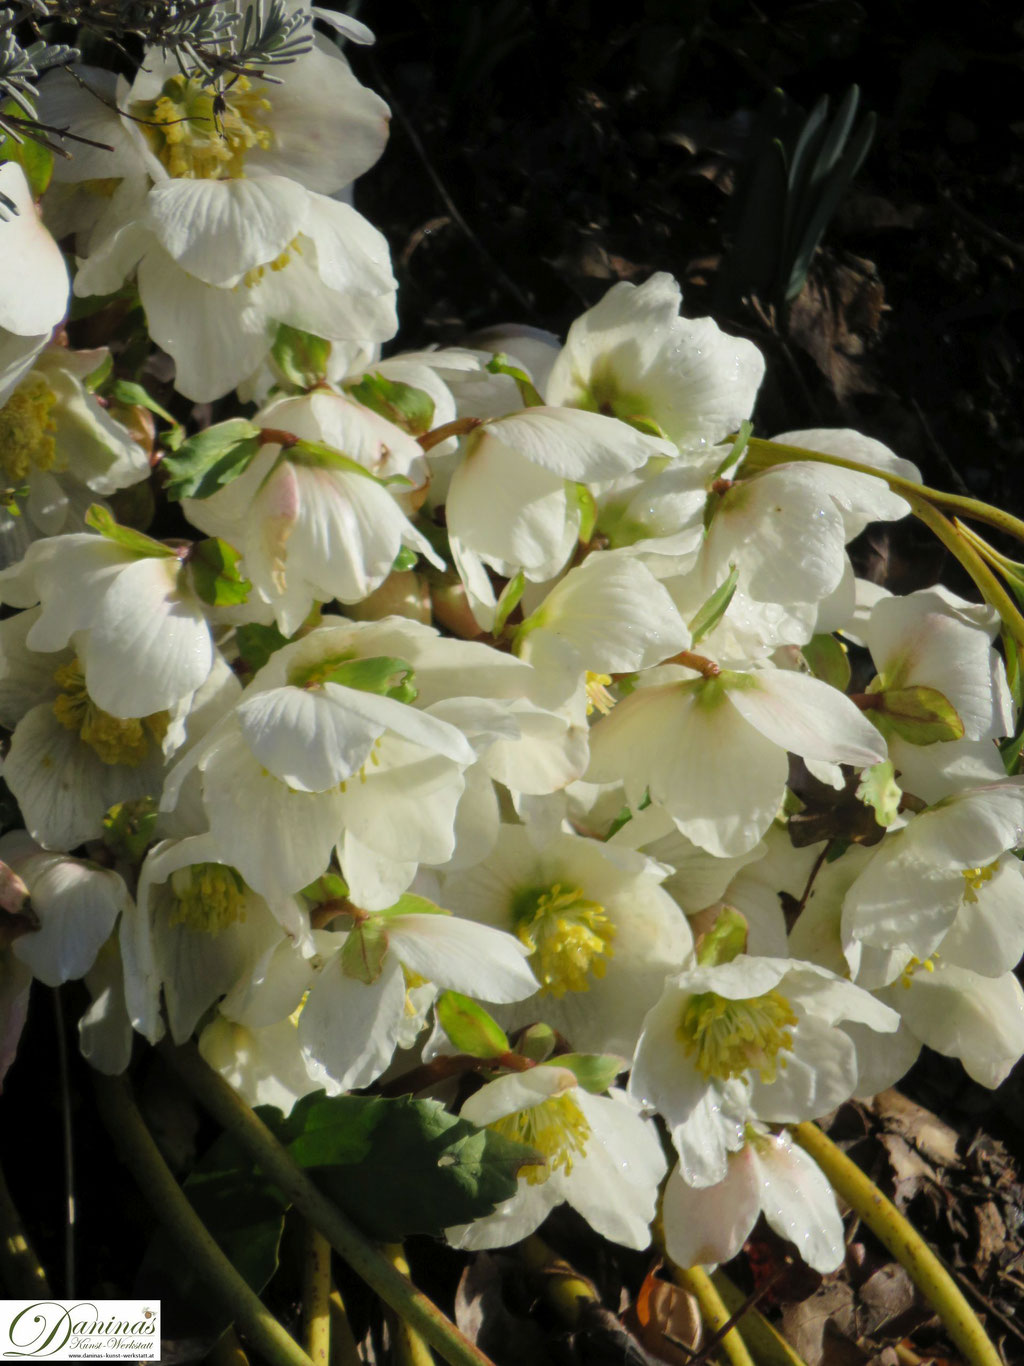 Schneerose oder Christrose gehört zu den ersten Frühlingsblumen